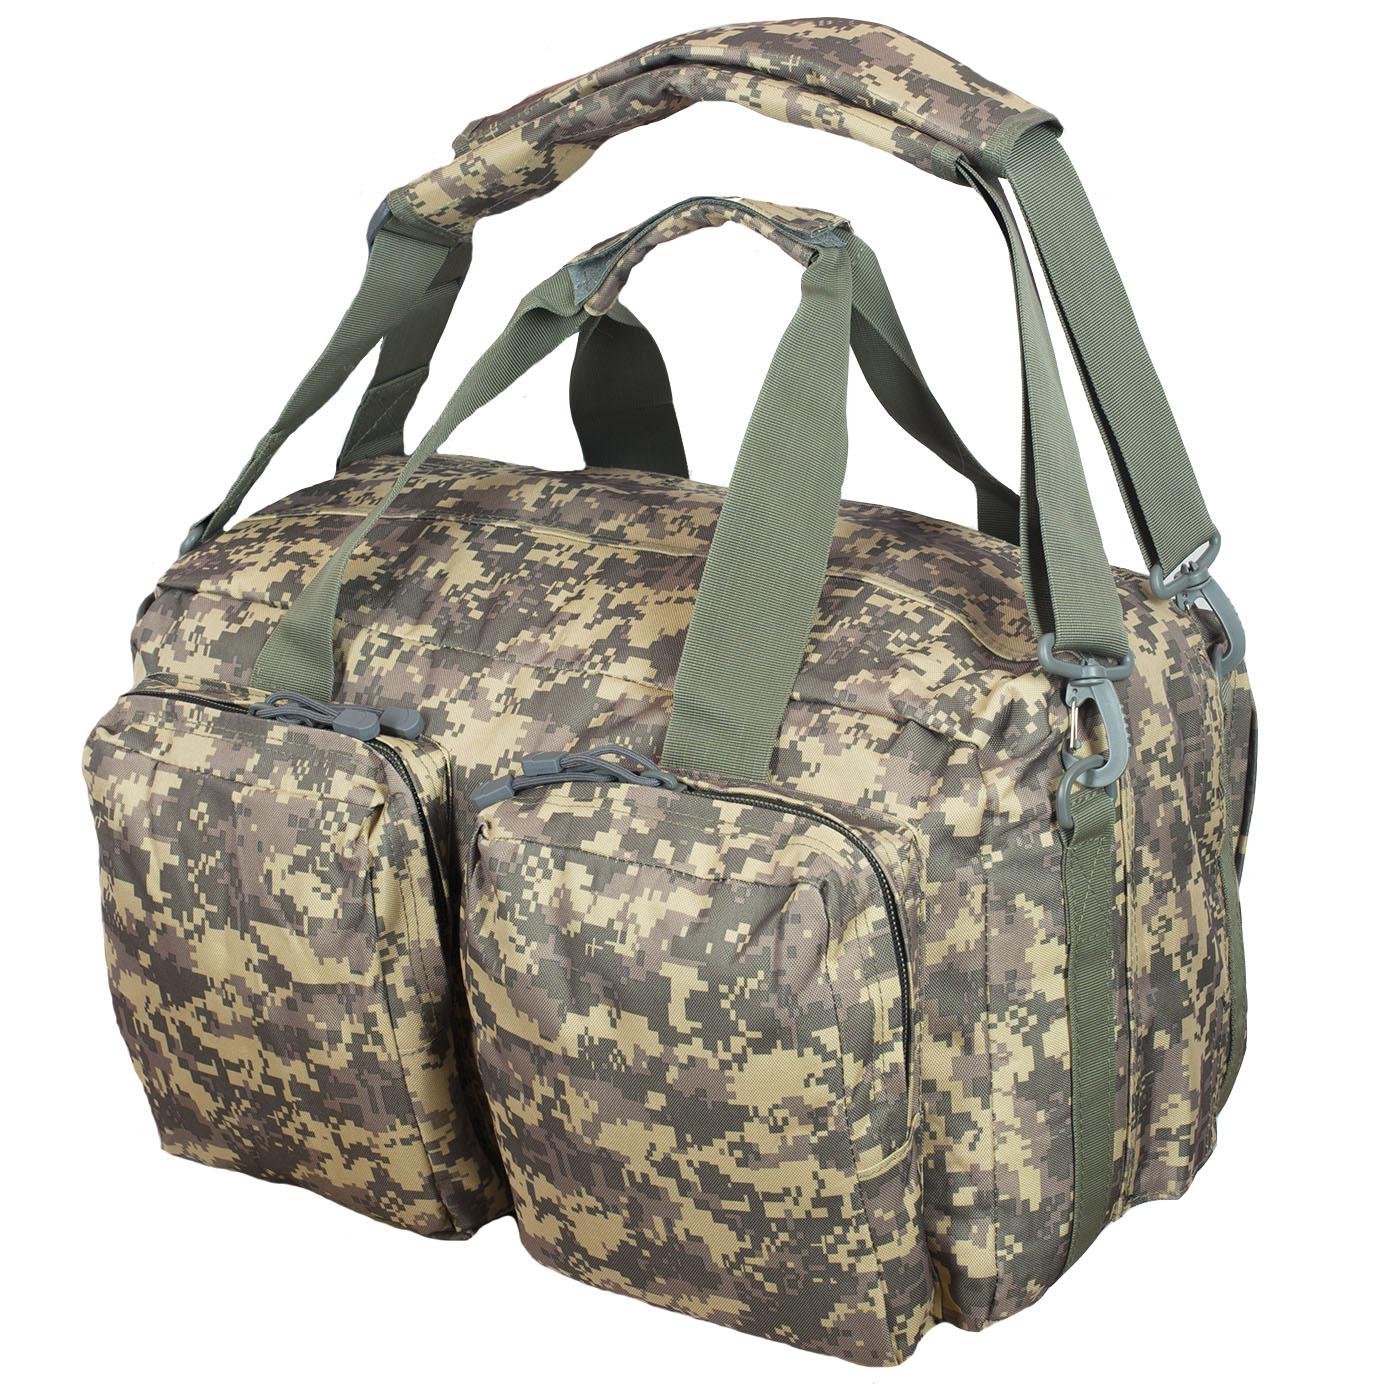 Камуфляжная походная сумка с нашивкой РХБЗ - заказать по низкой цене